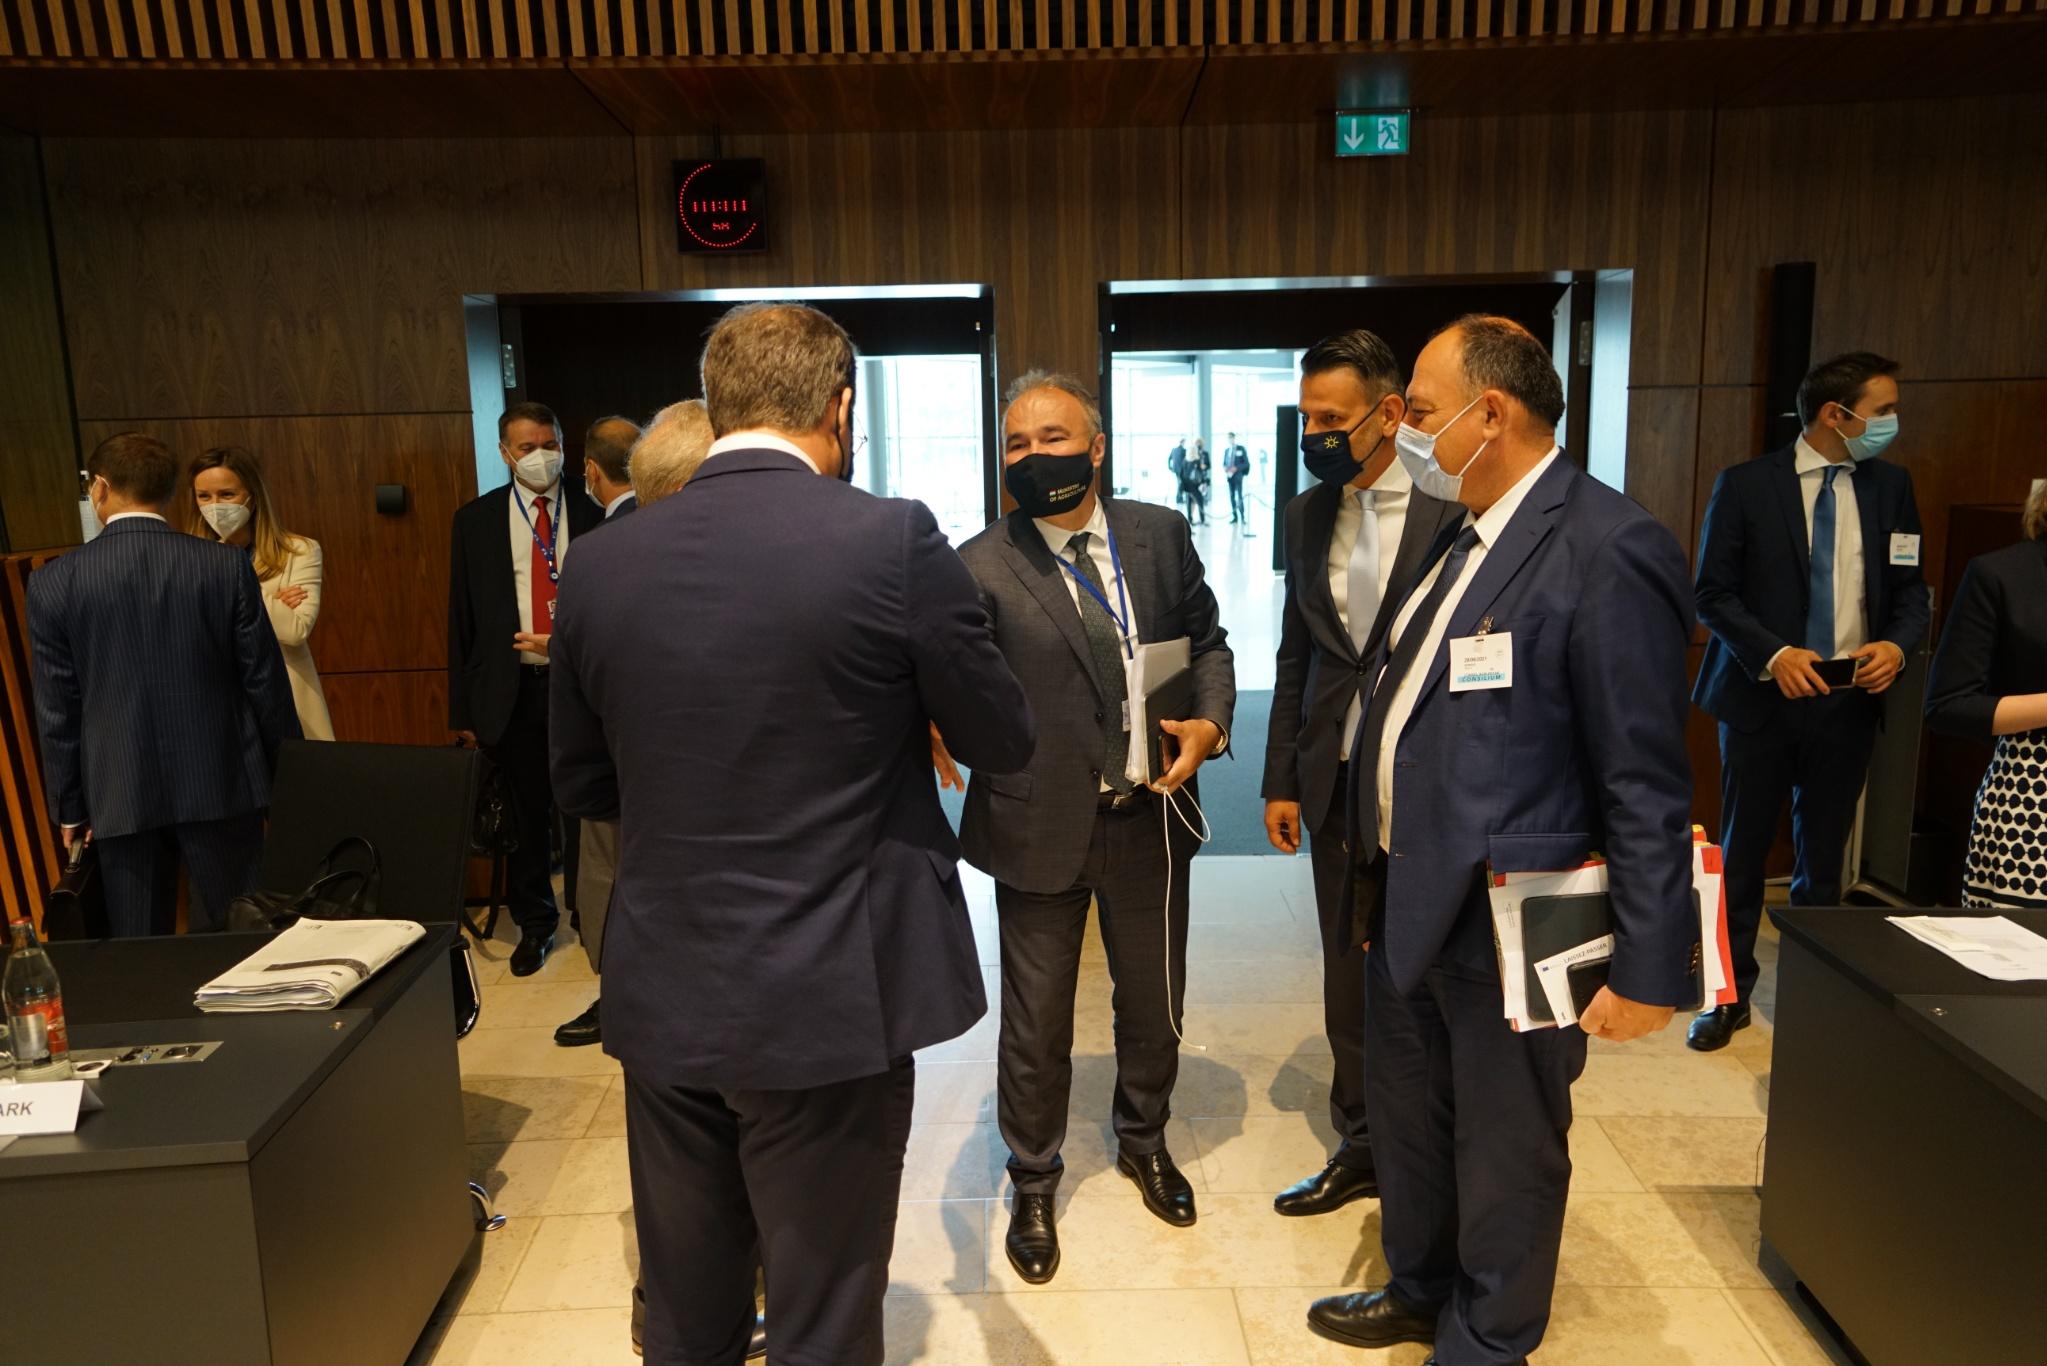 Megszületett a megállapodás a KAP reformról Luxemburgban